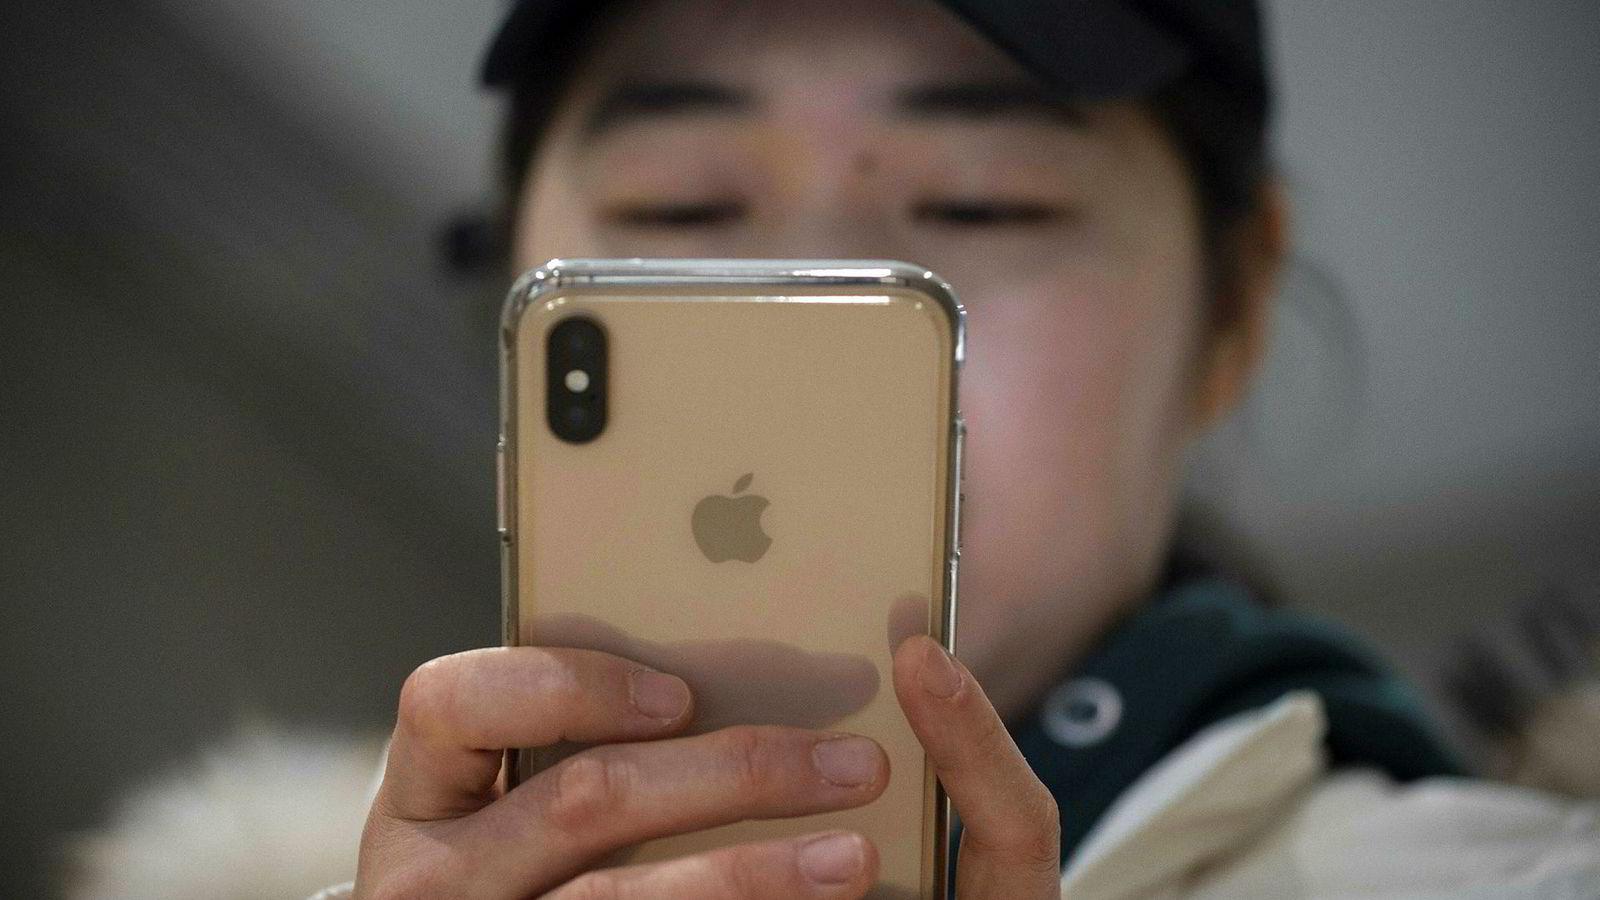 – Vi er oppmerksomme på problemet, og har funnet en løsning som vil bli gitt i en systemoppdatering senere denne uken, uttaler Apple om FaceTime-overvåkningsfunksjonen. Her et illustrasjonsfoto av Iphone.